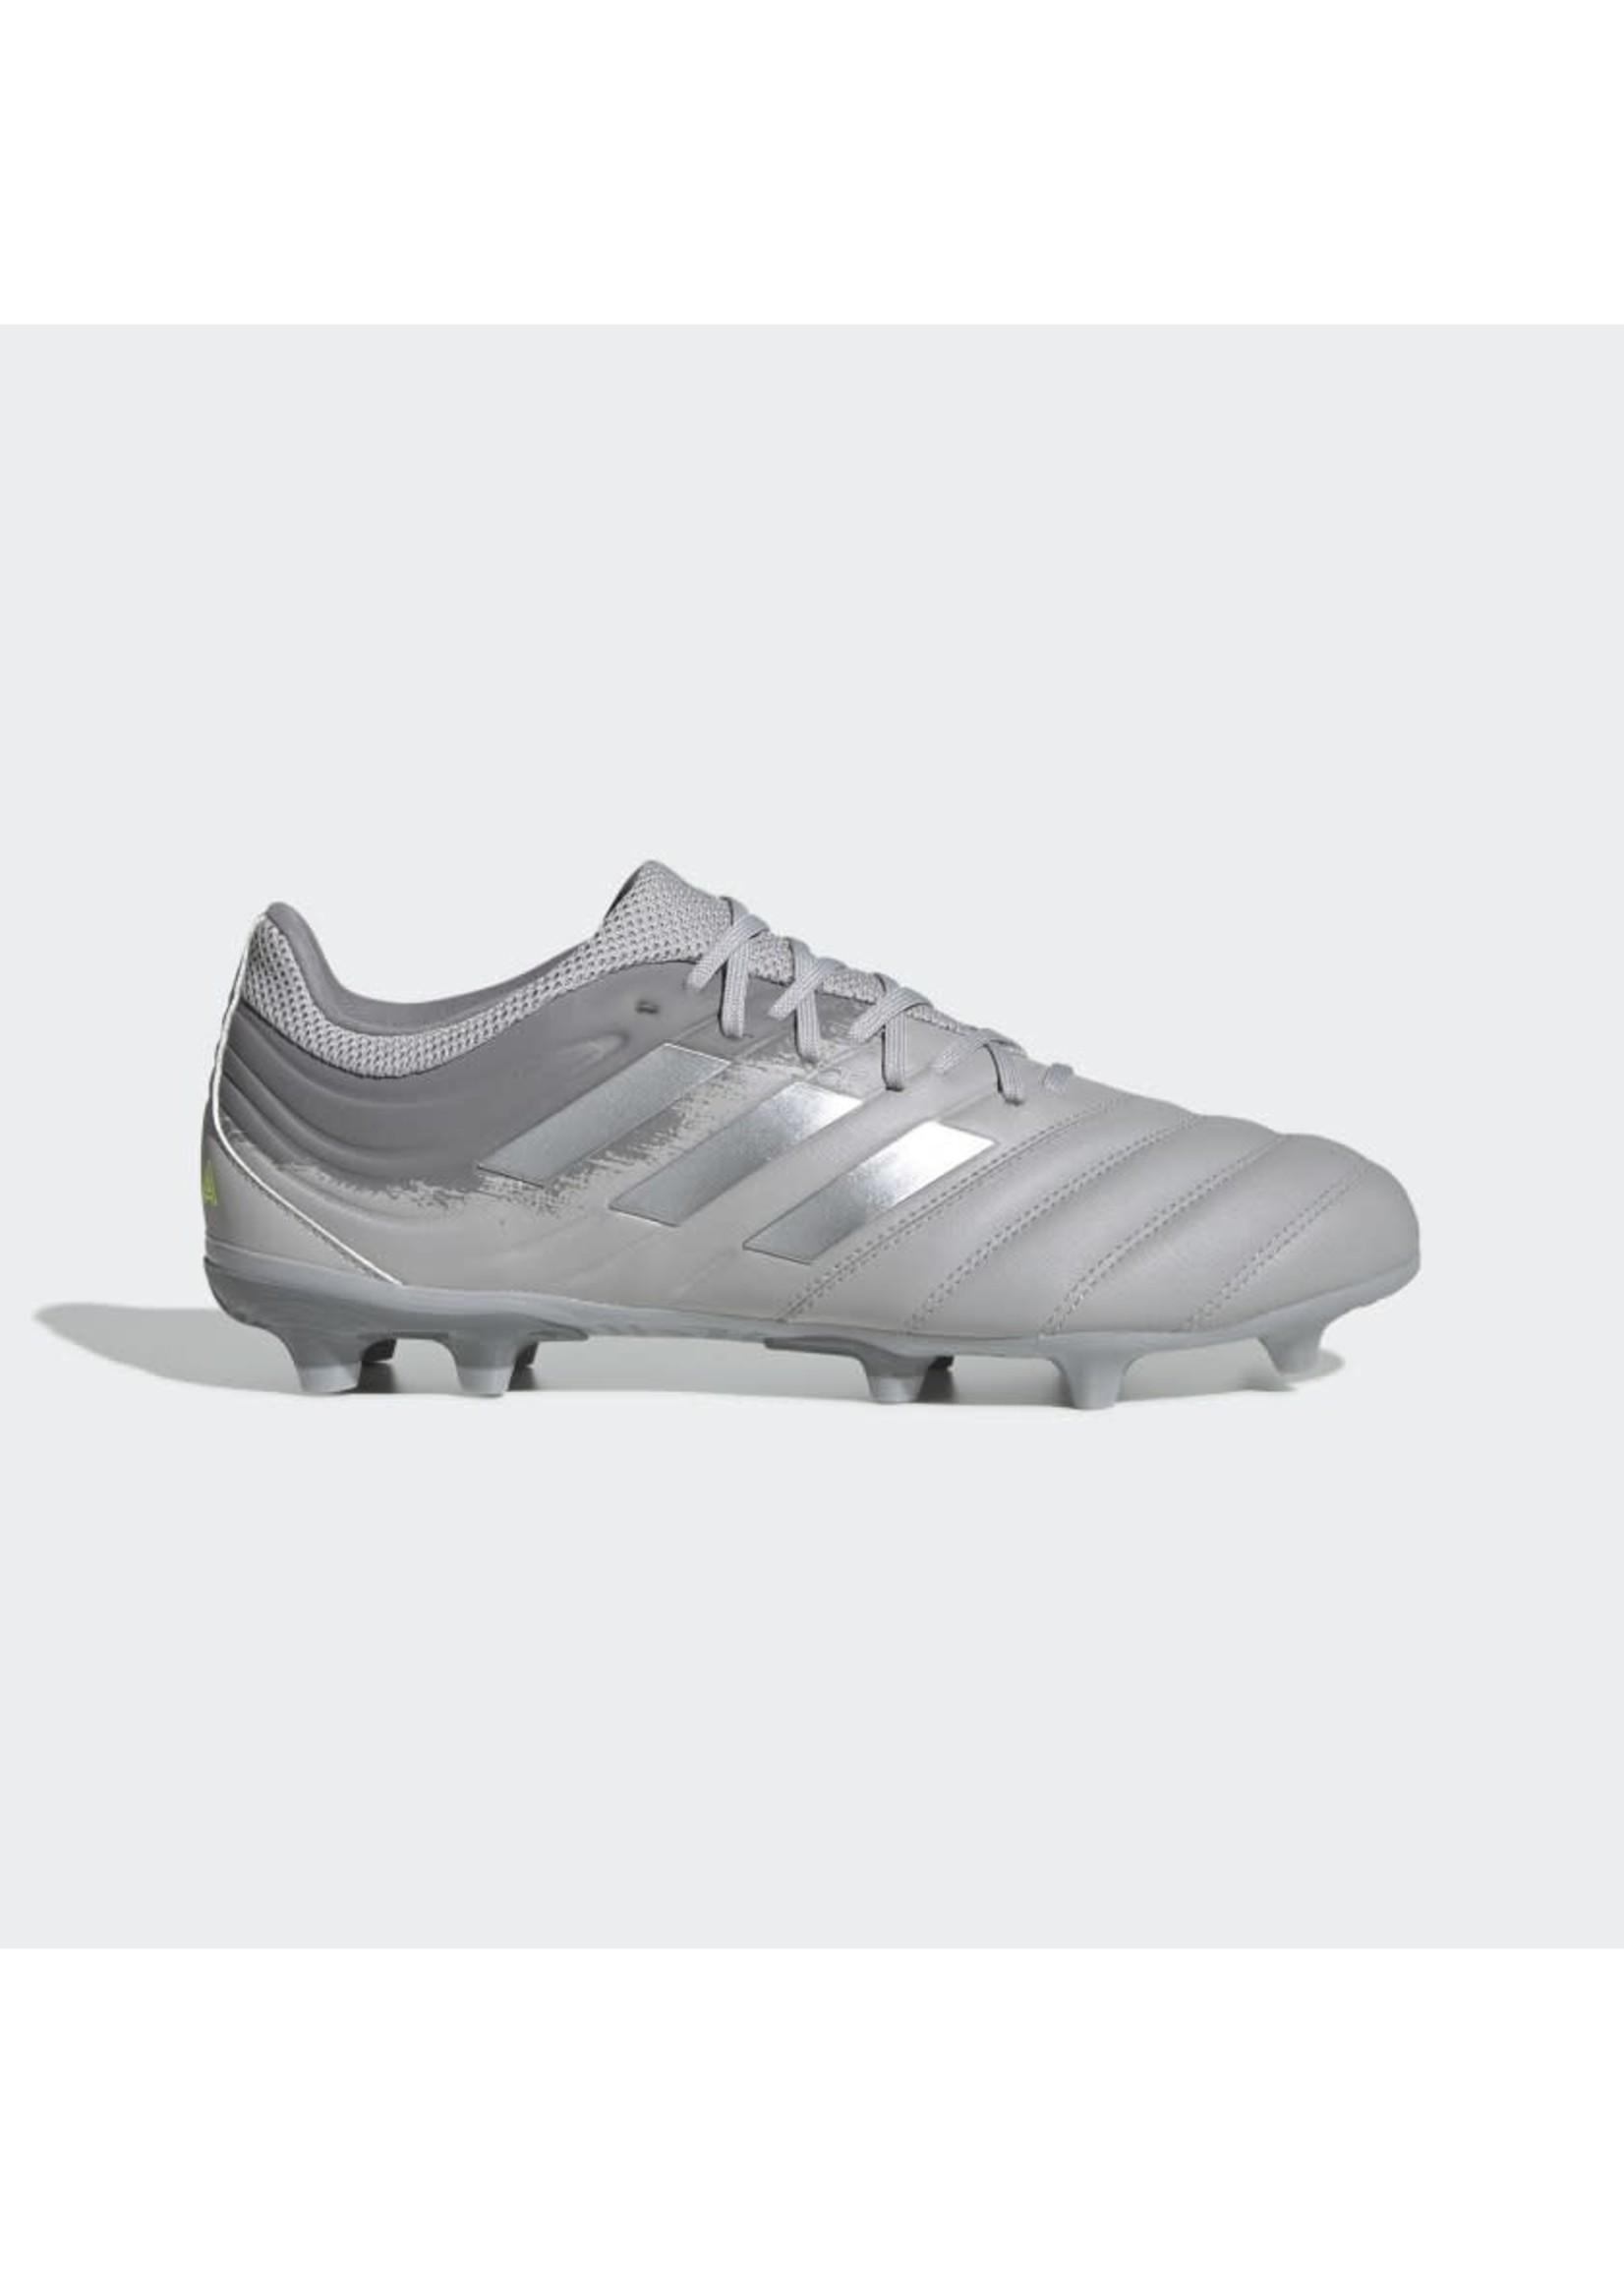 Adidas Copa 20.3 FG EF8329